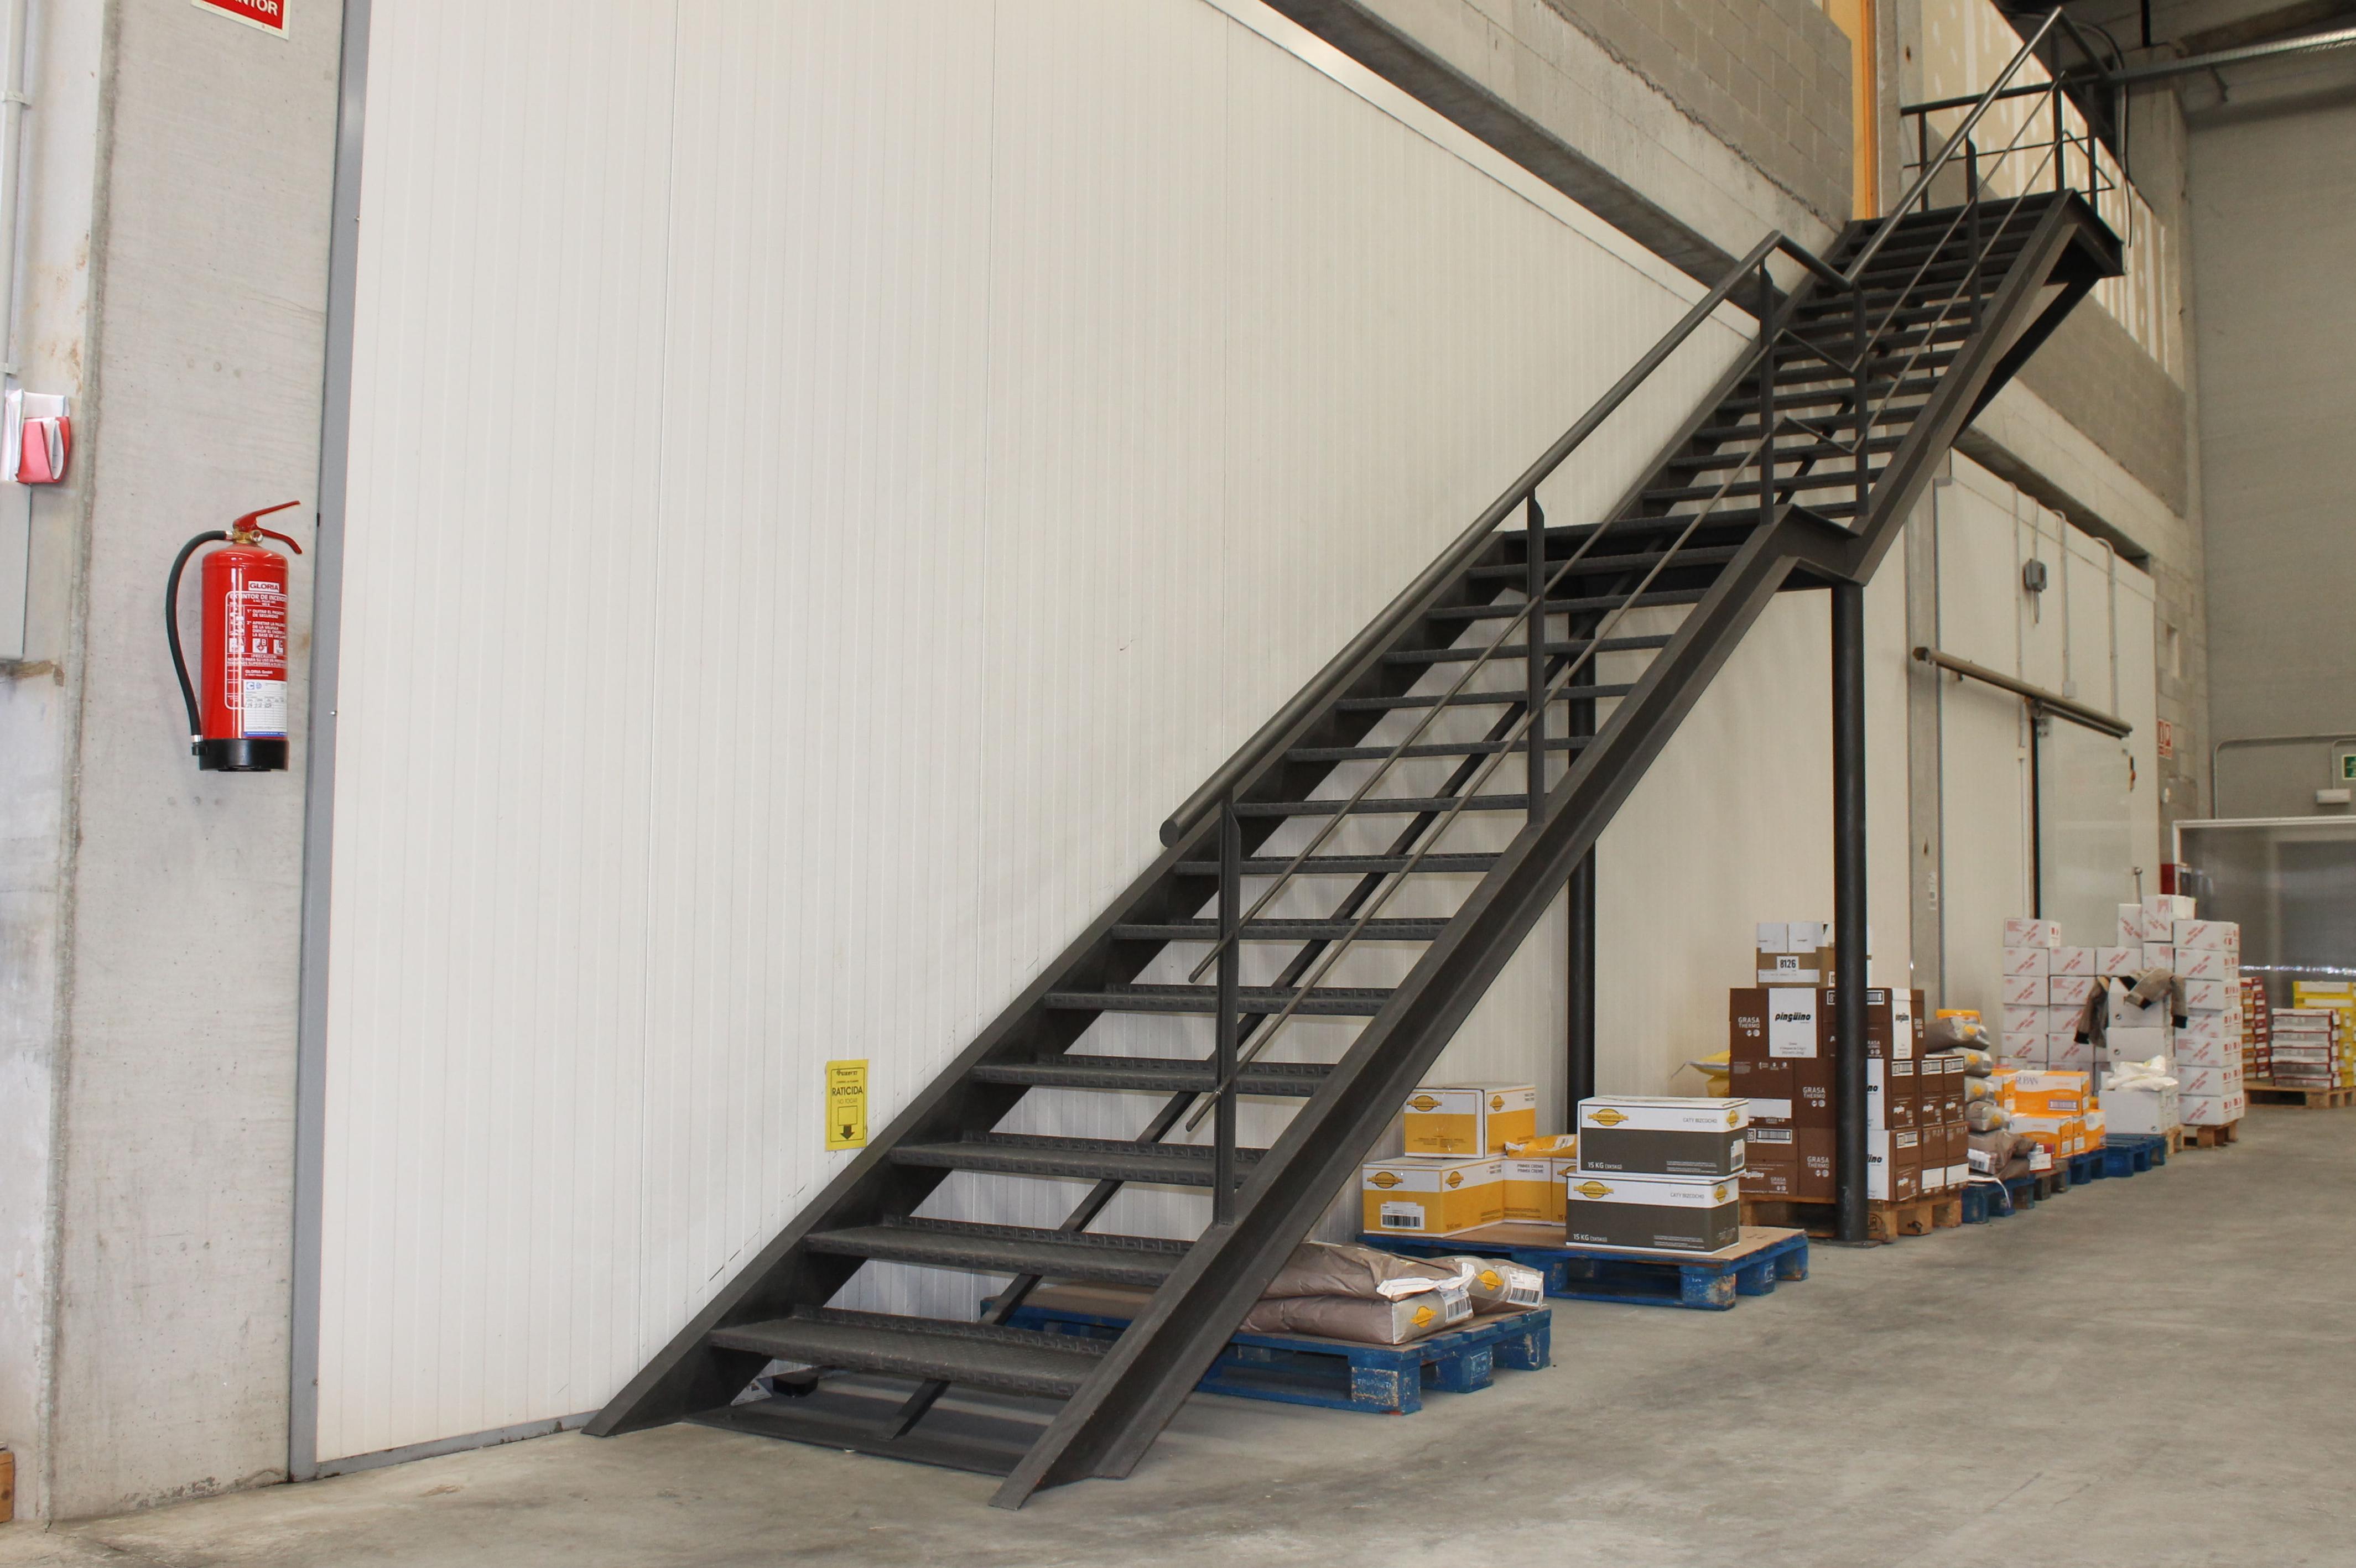 Escaleras de hierro nuestros productos de met licas copado for Gradas metalicas para interiores